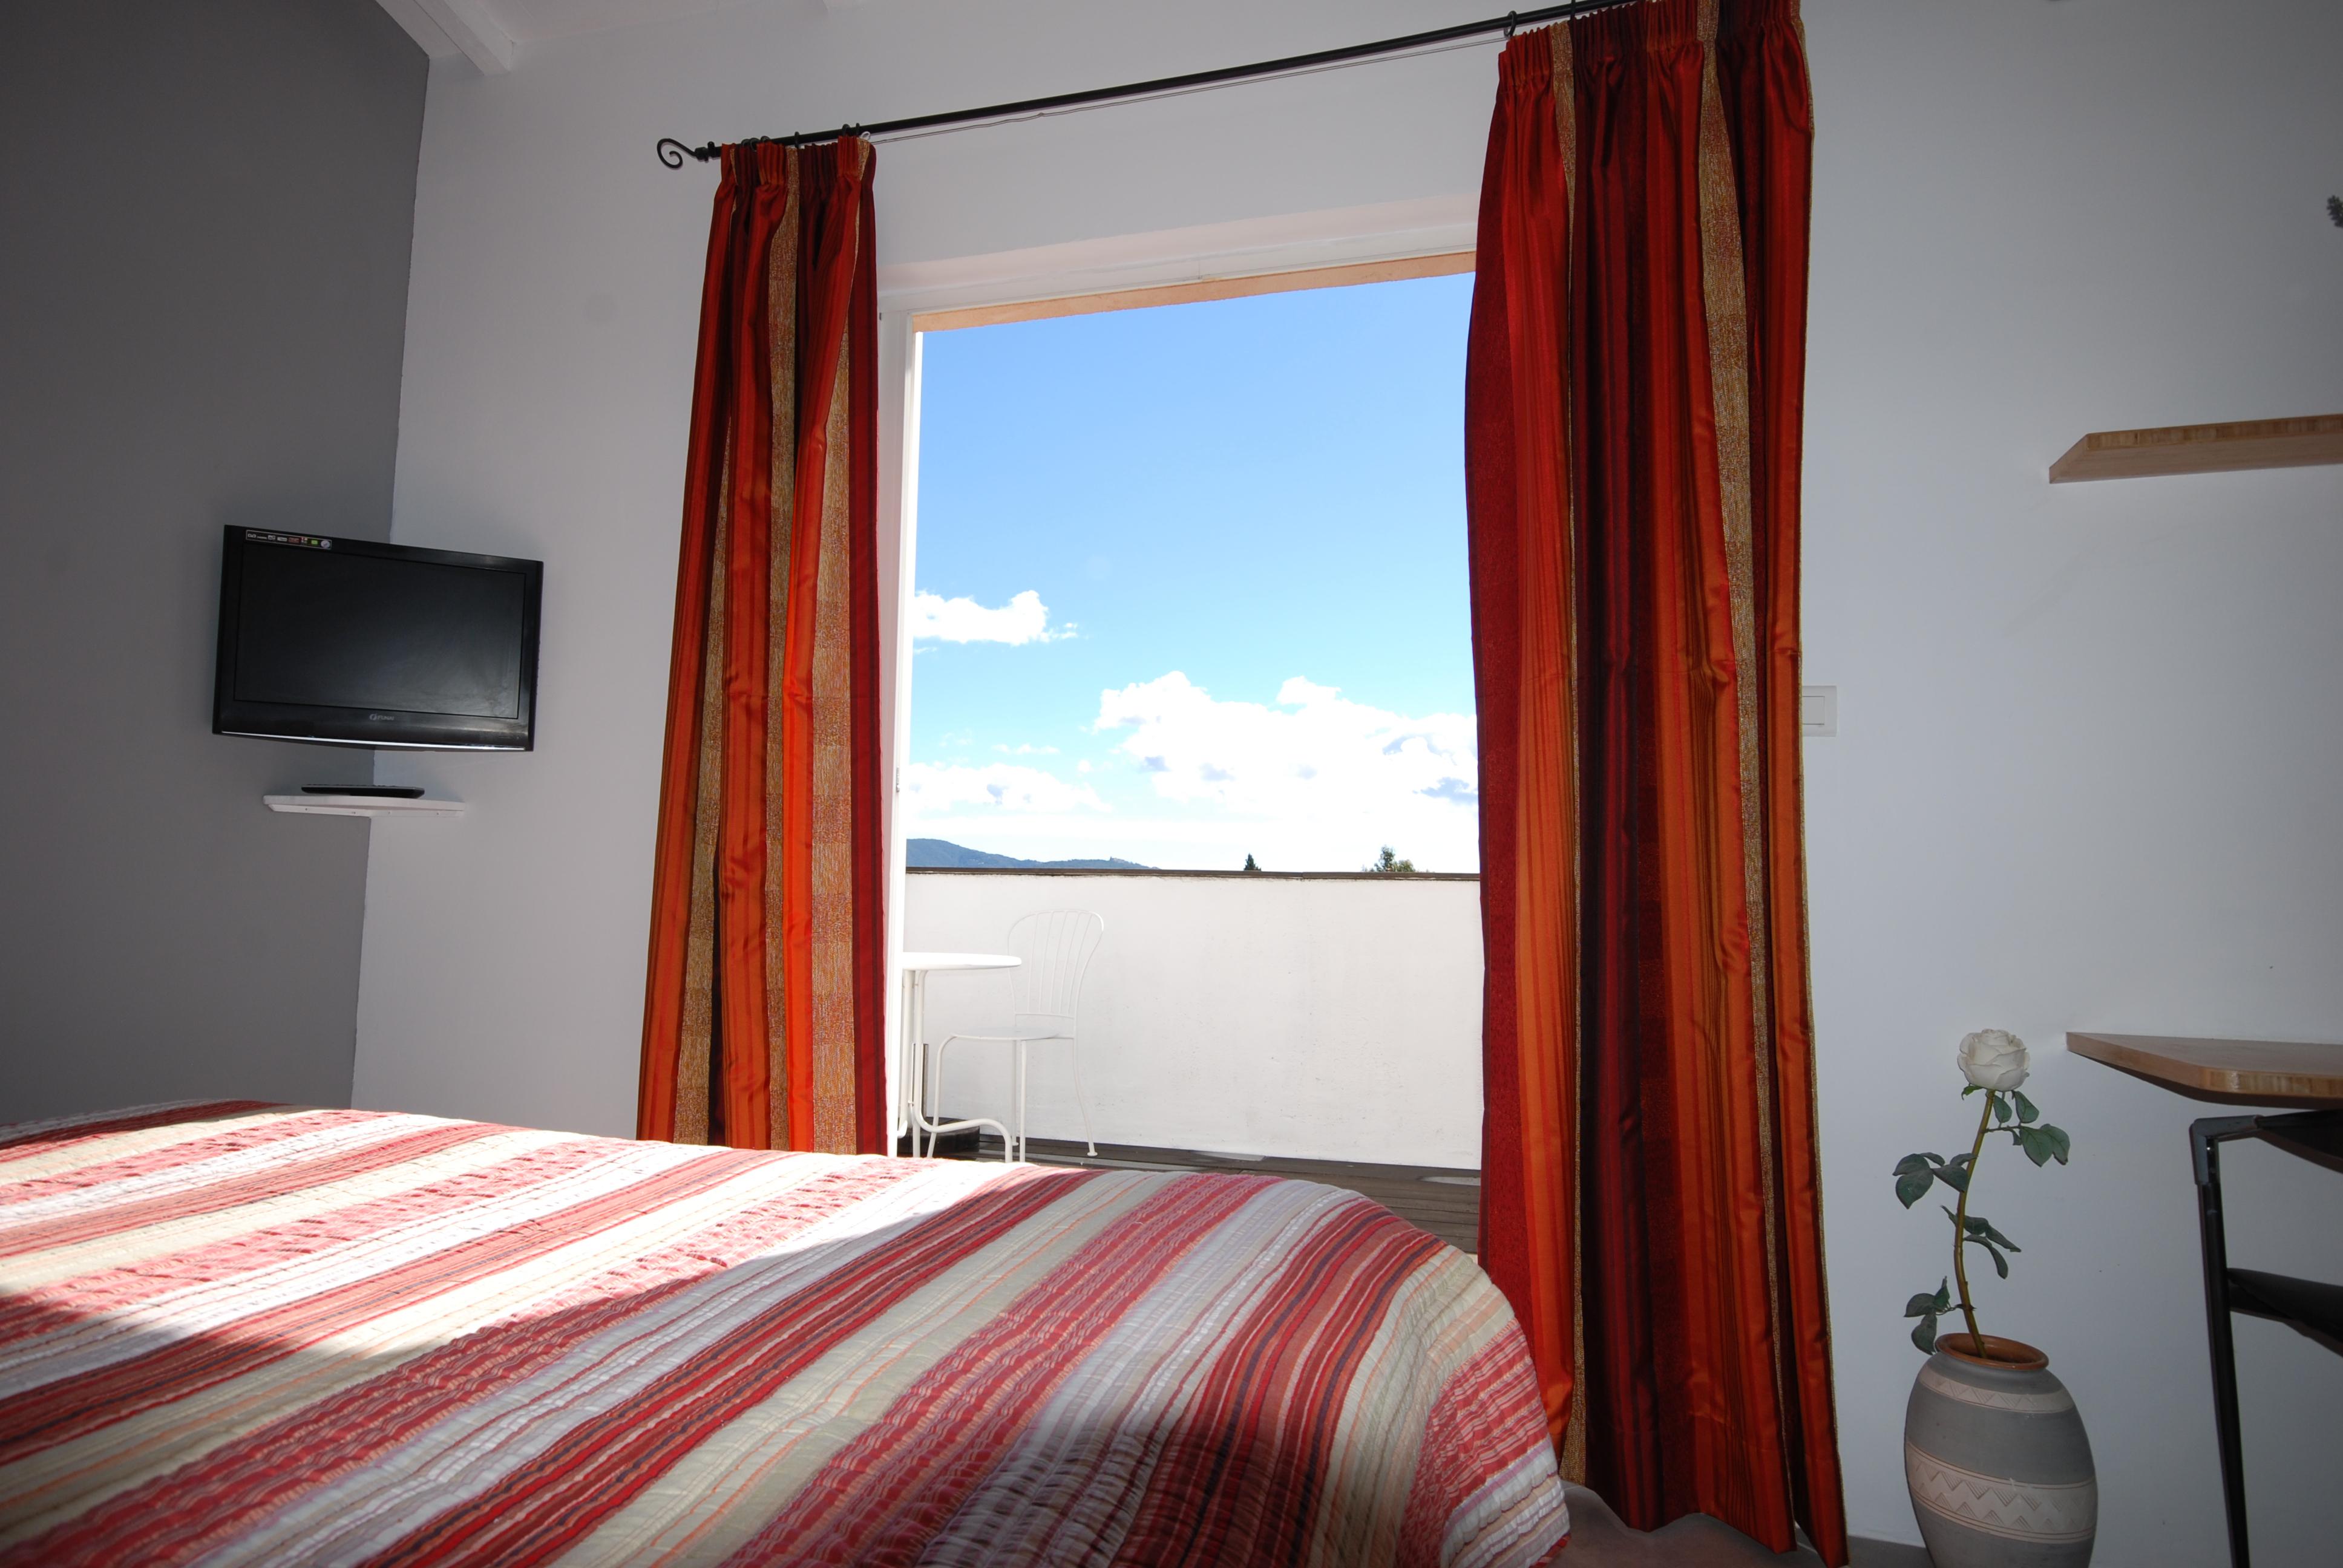 chambre d'hotes avec vue panoramique